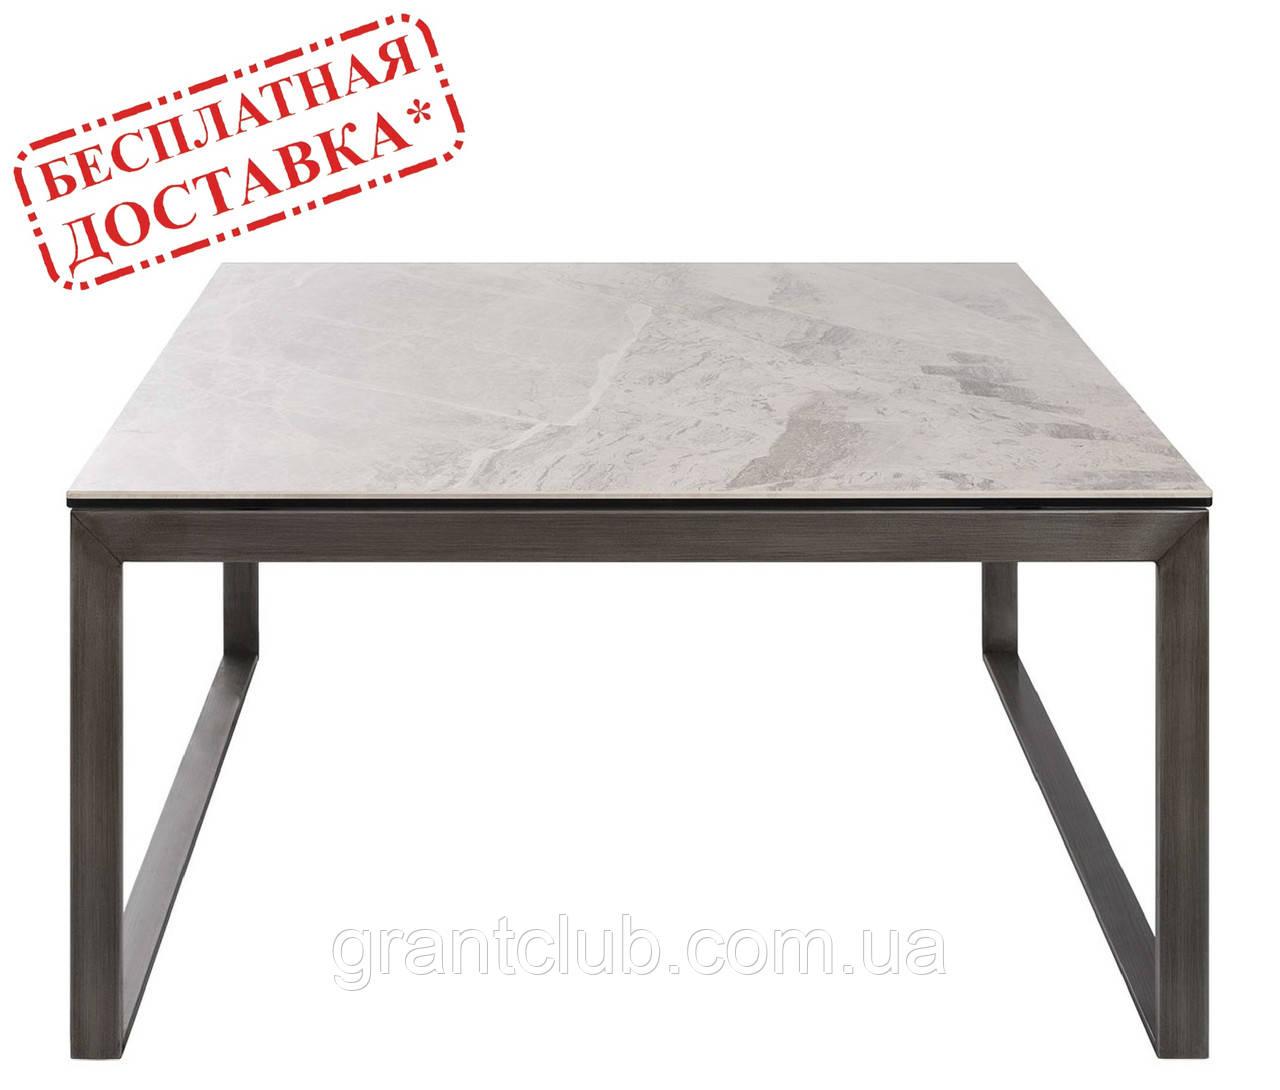 Стол журнальный BRIGHTON S (90х90х45 см) керамика светло-серый глянец Nicolas (бесплатная доставка)